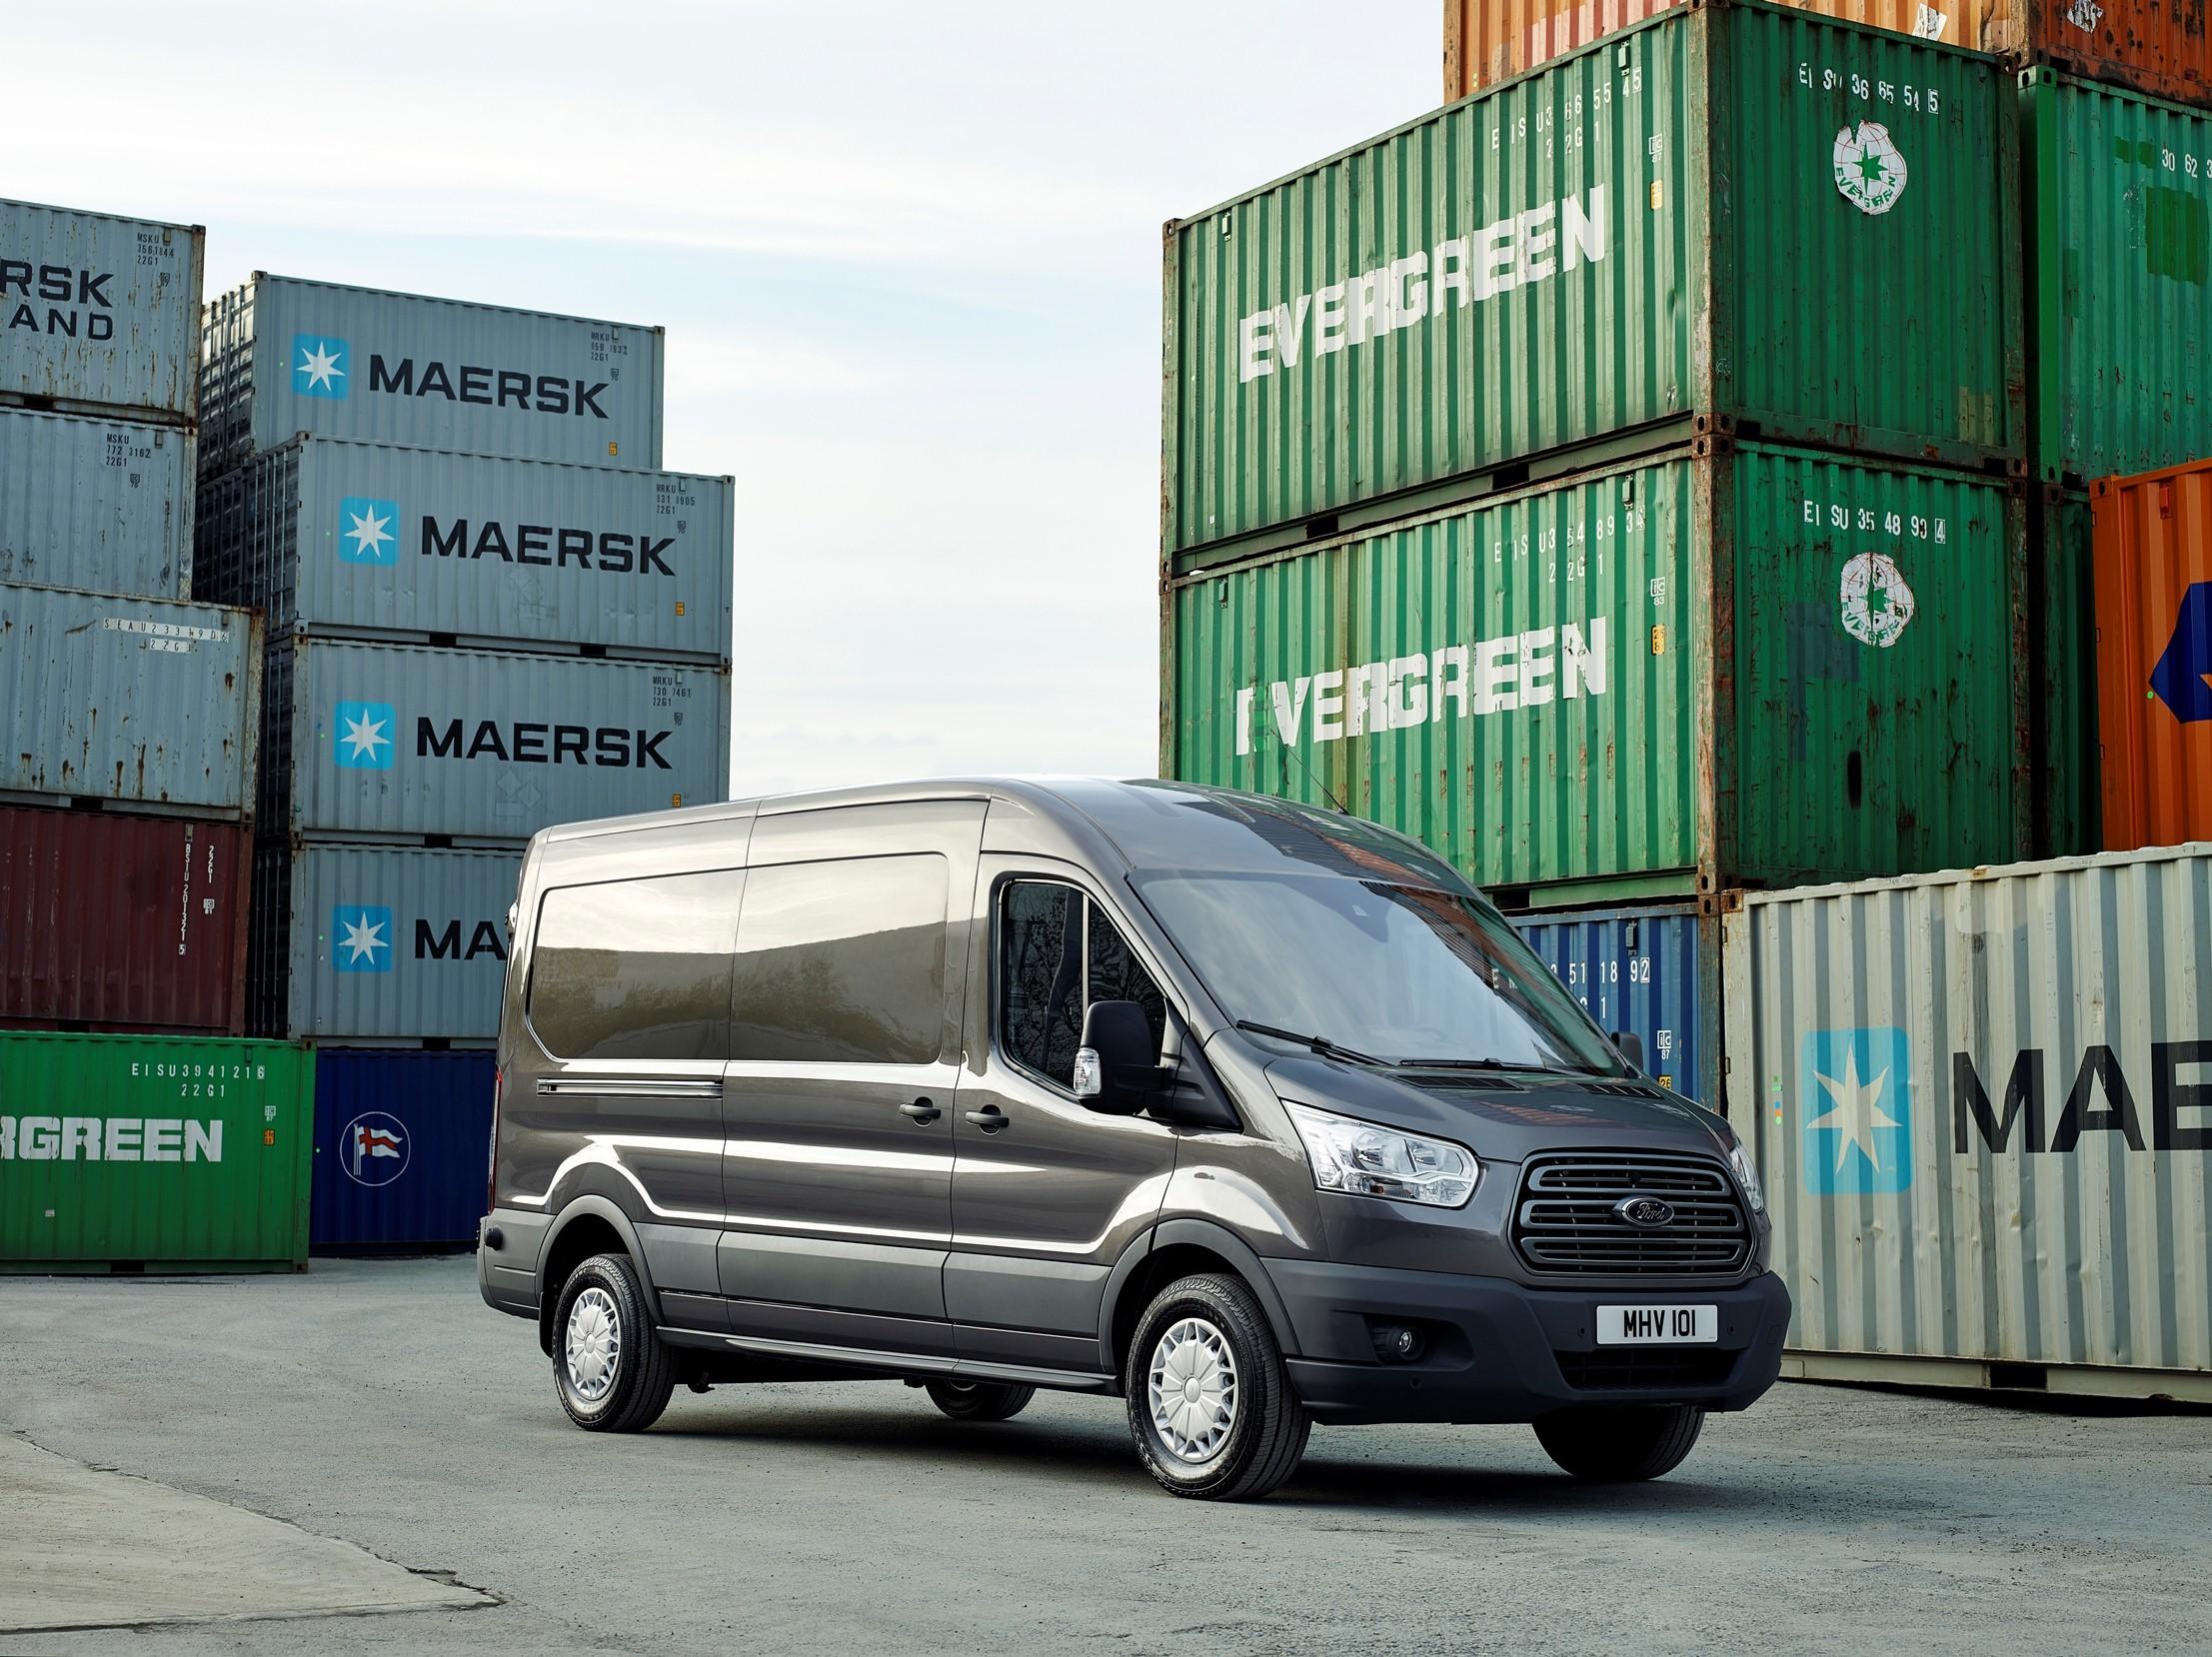 Ford Transit став лідером продажів на європейському ринку - офіційний представник Winner в Україні